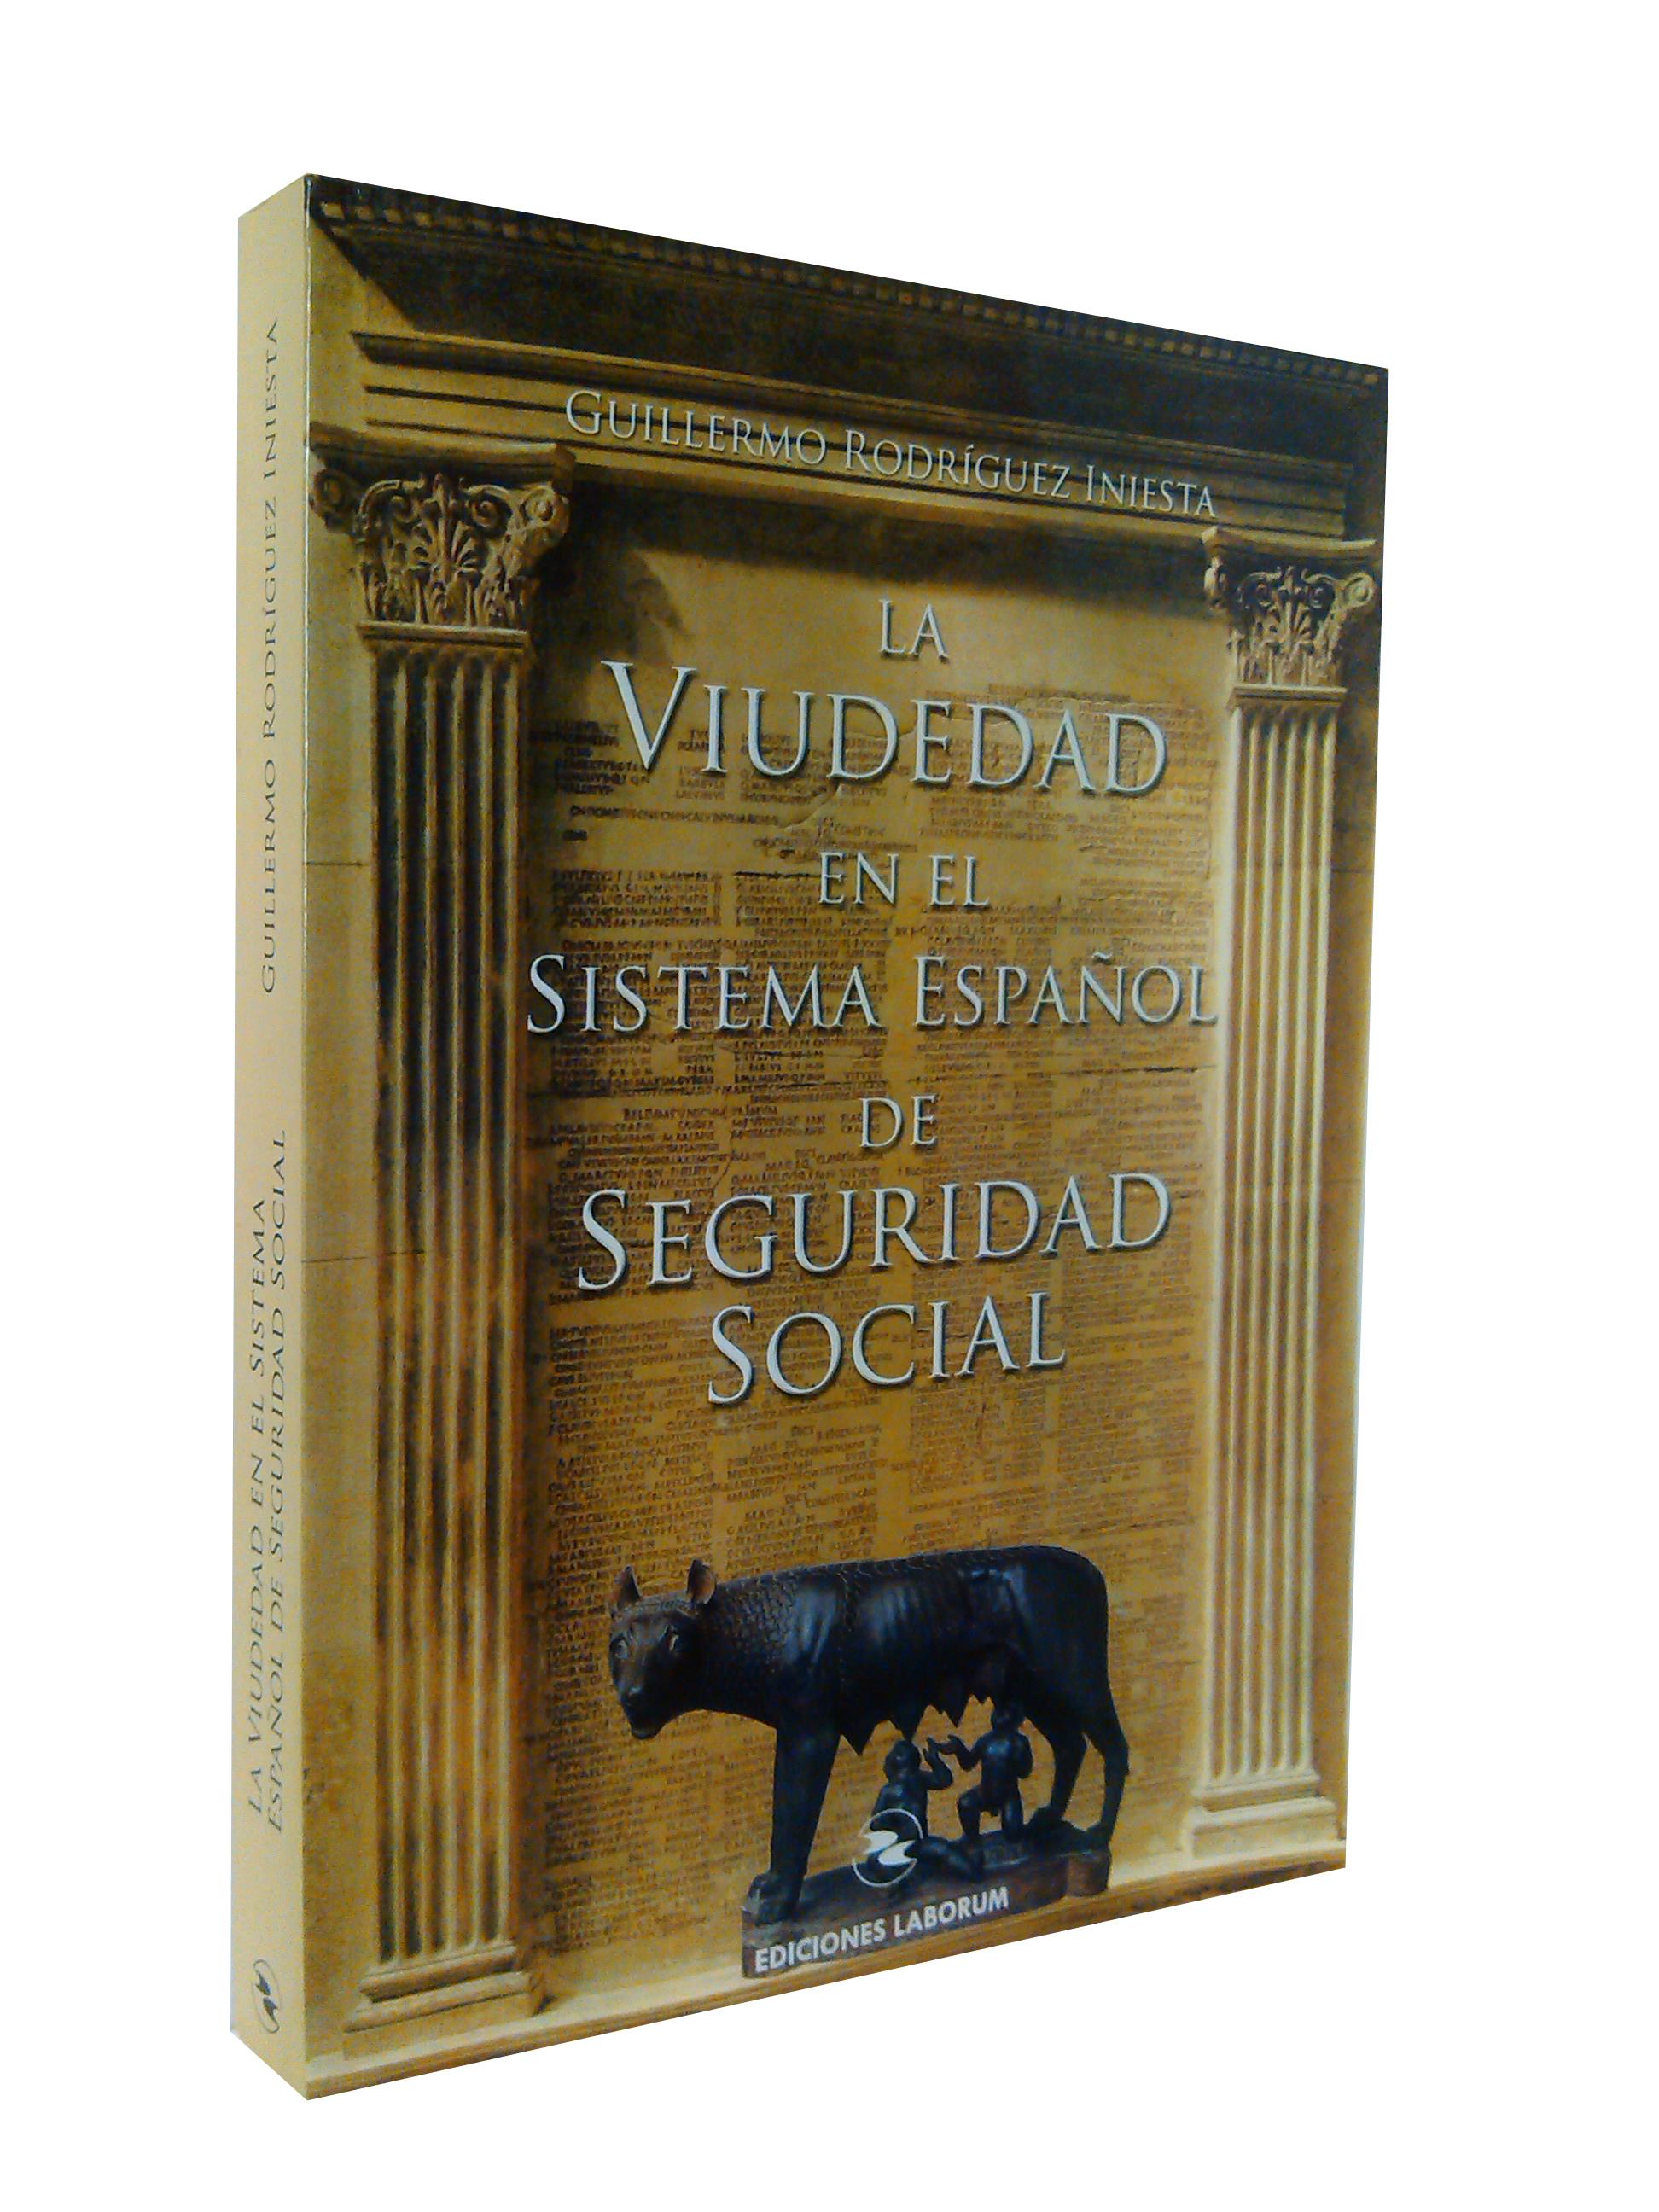 La viudedad en el sistema español de Seguridad Social